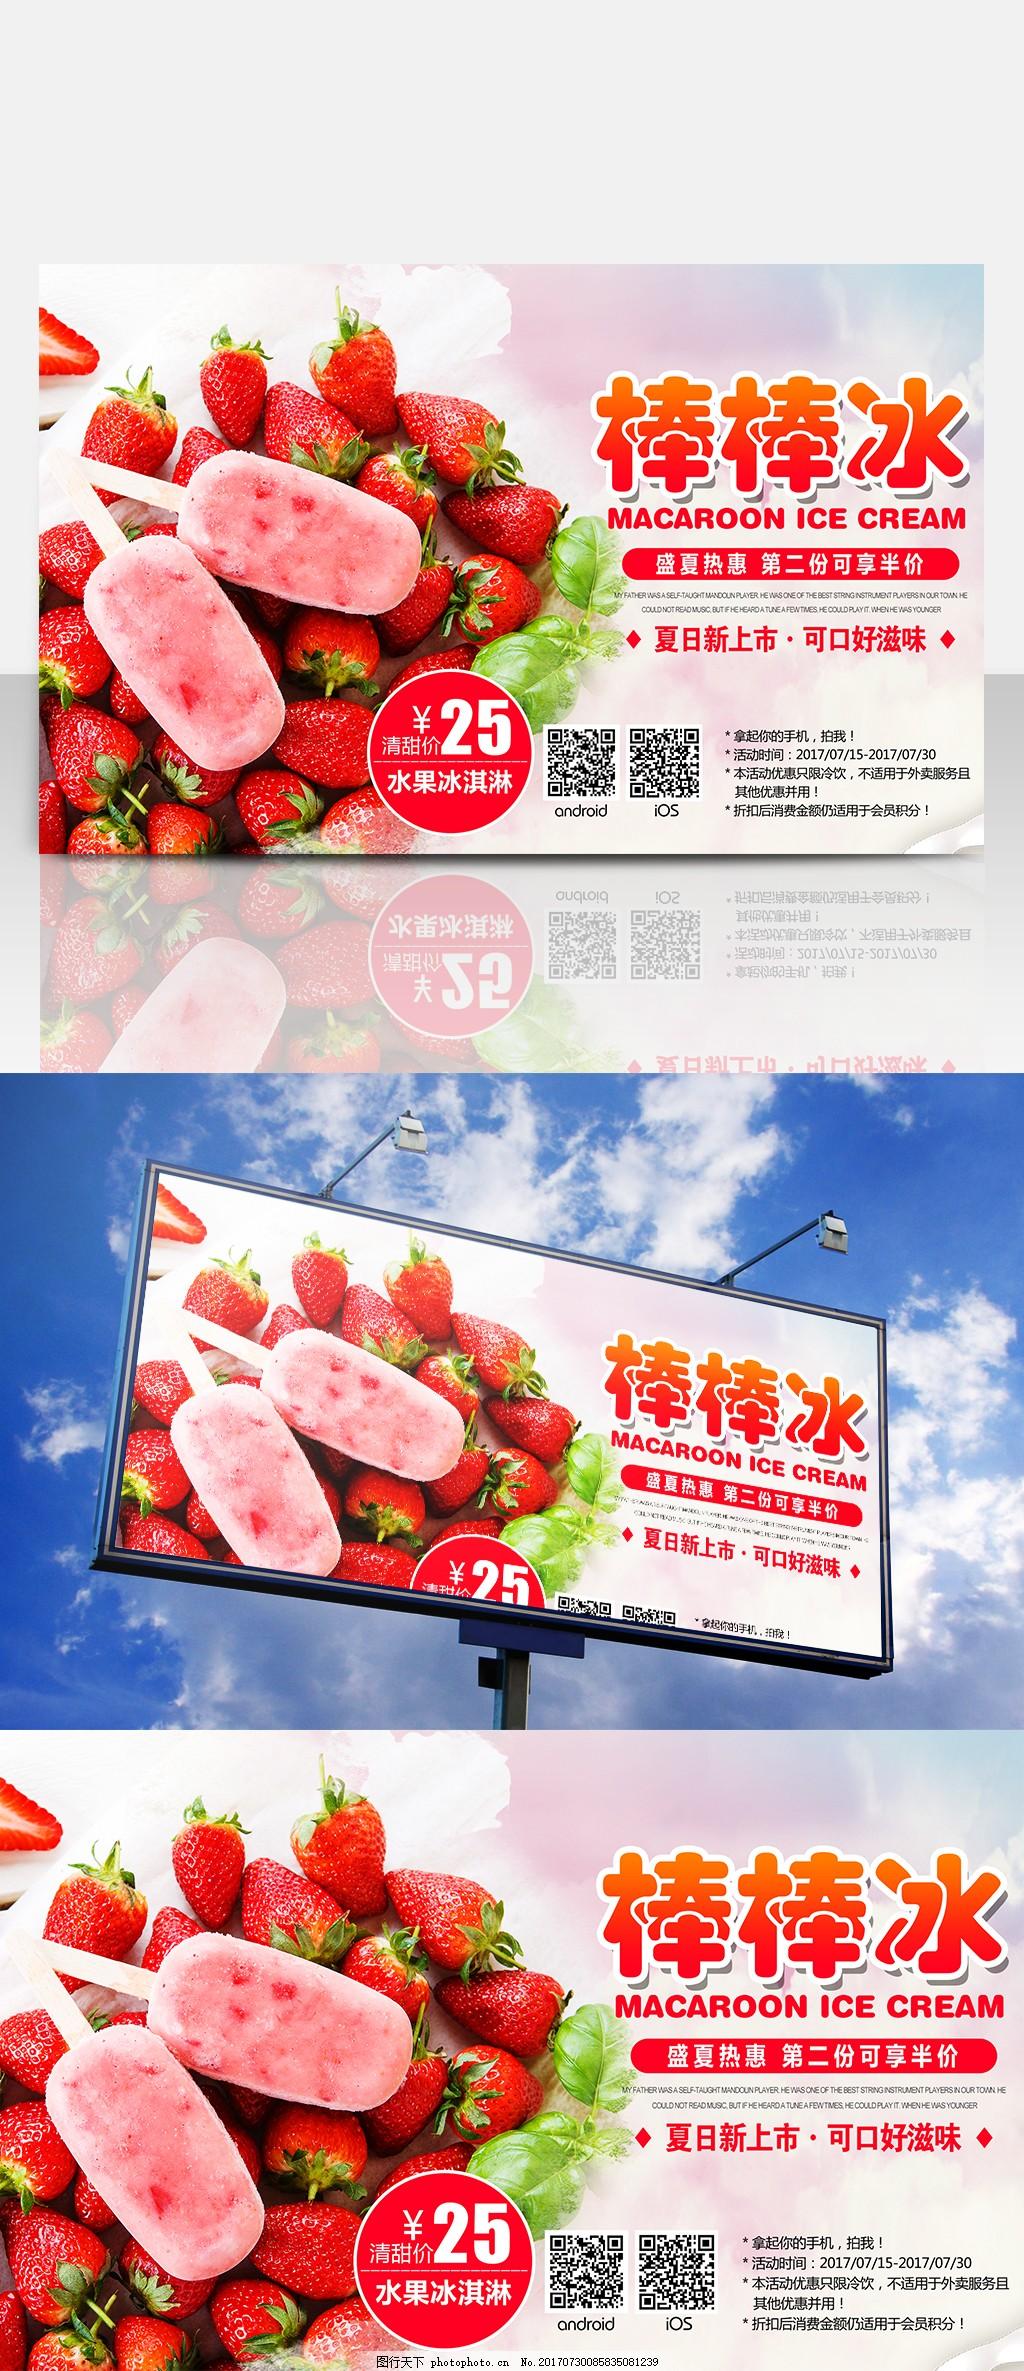 粉红色调夏日夏季草莓水果雪糕冰淇淋海报